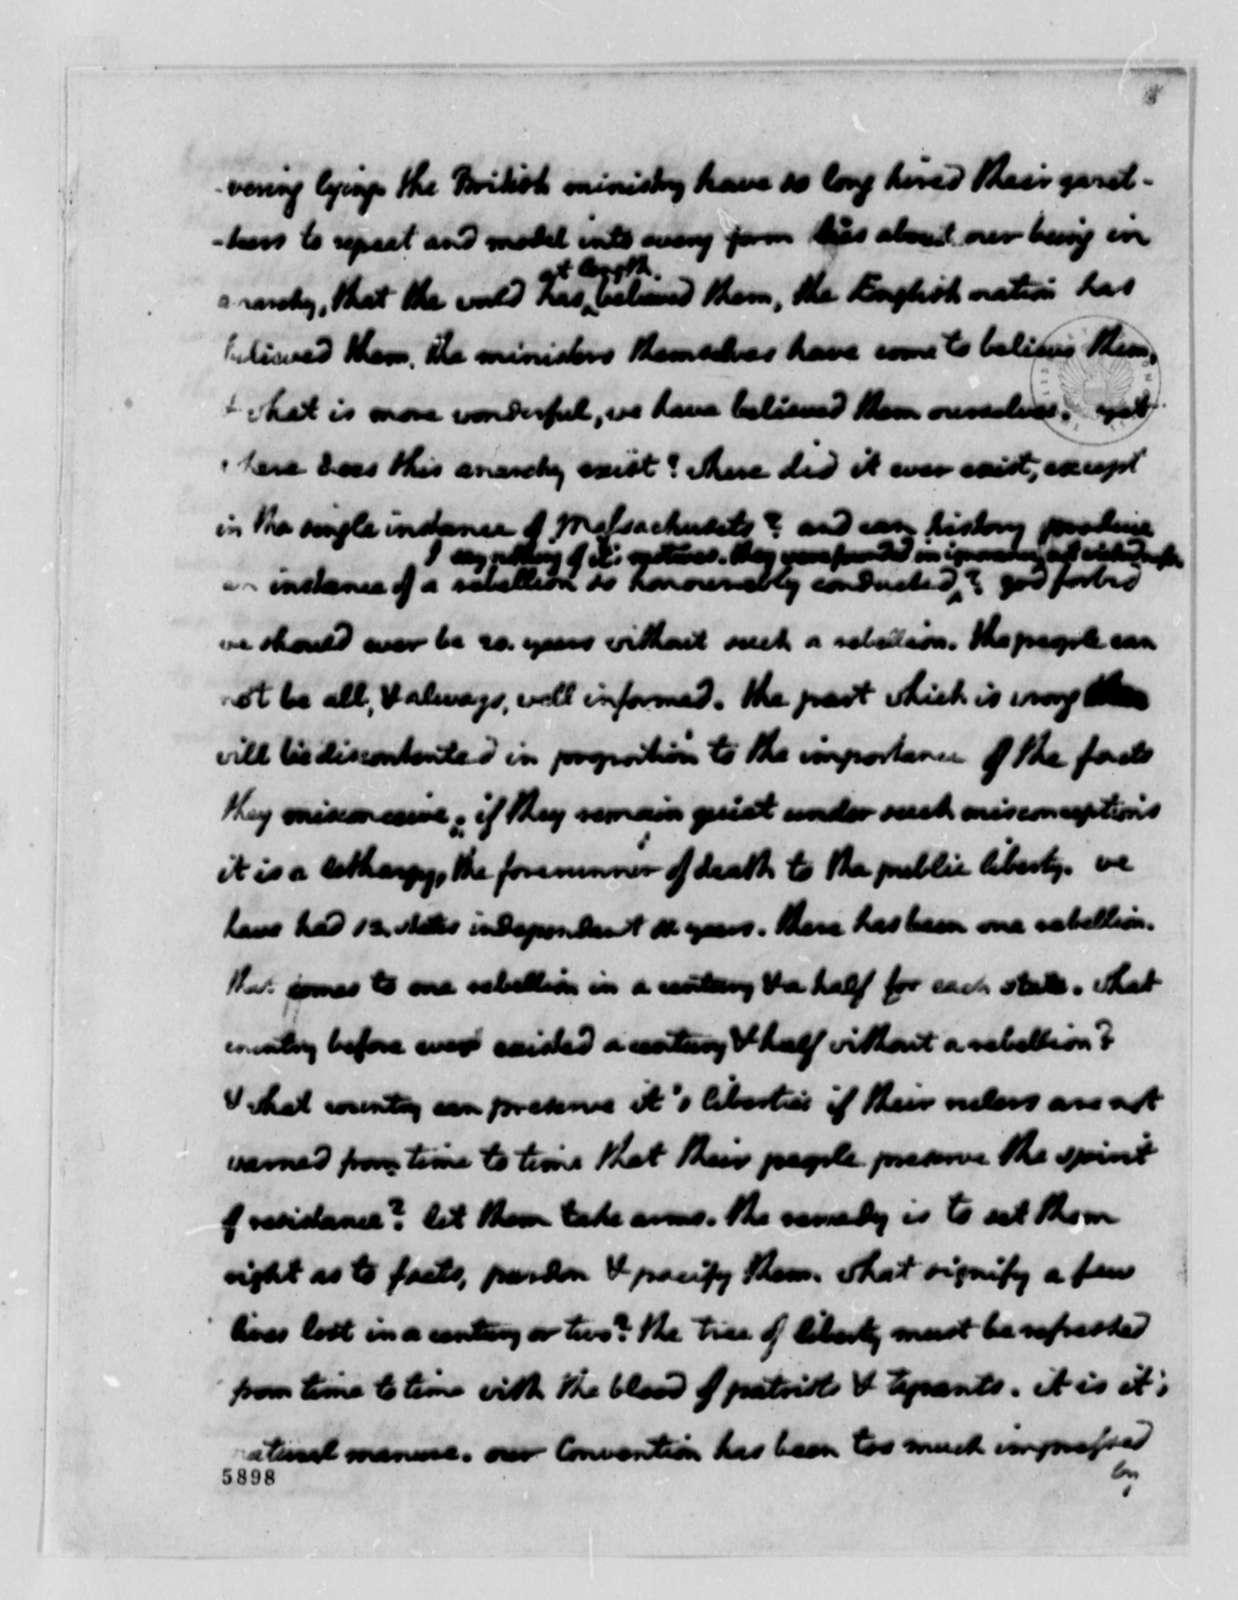 Thomas Jefferson to William S. Smith, November 13, 1787